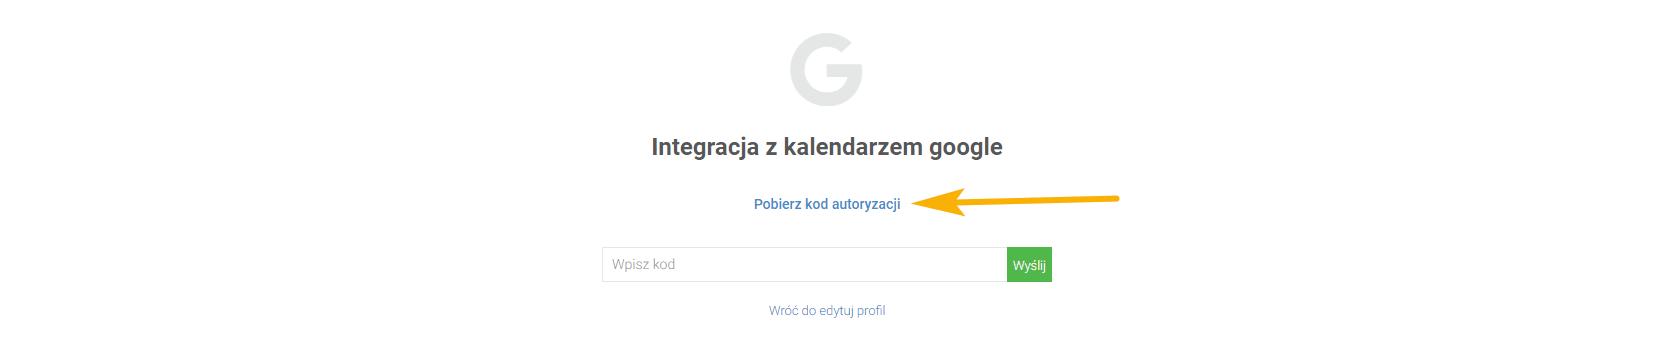 slajd3_integracja_kod_autoryzacji